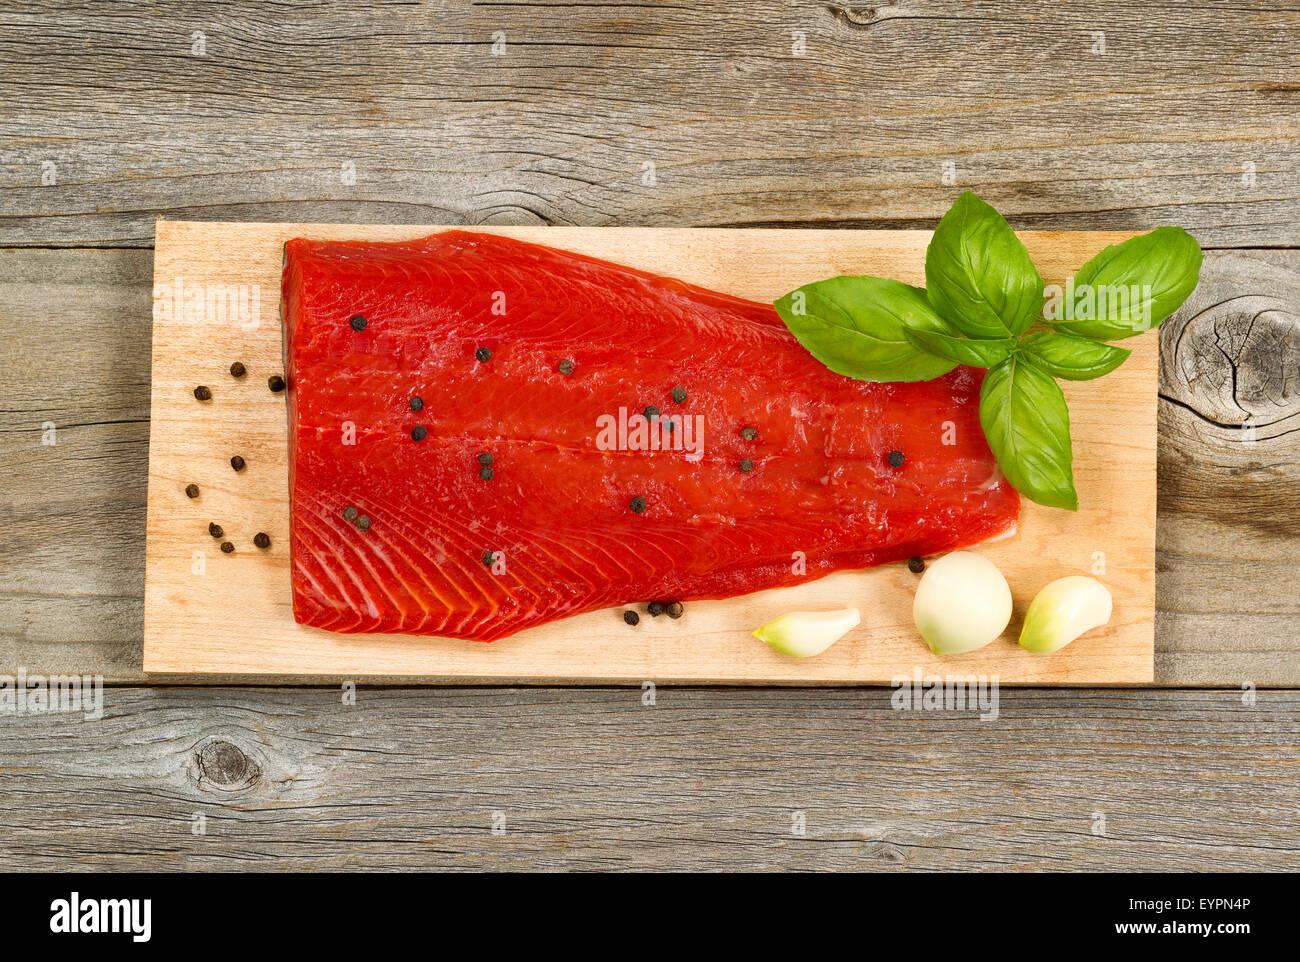 Ansicht von oben Schuss von frischen roten Lachs Filet am Cedar Kochen Board mit Pfeffer, Knoblauch und Basilikum. Stockbild